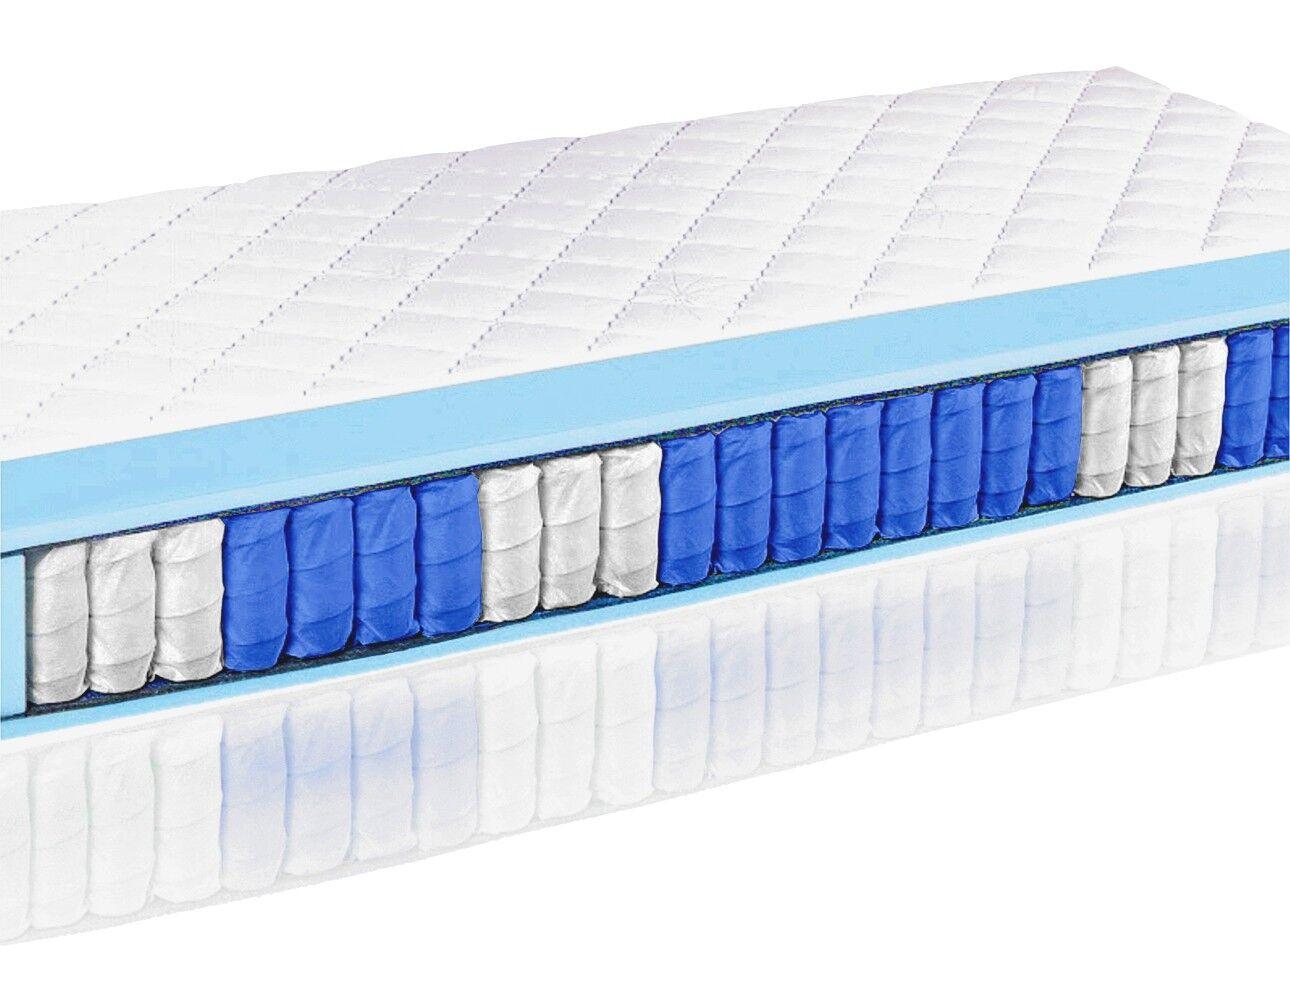 tonnentaschenfederkern matratze 180x200 test vergleich tonnentaschenfederkern matratze. Black Bedroom Furniture Sets. Home Design Ideas